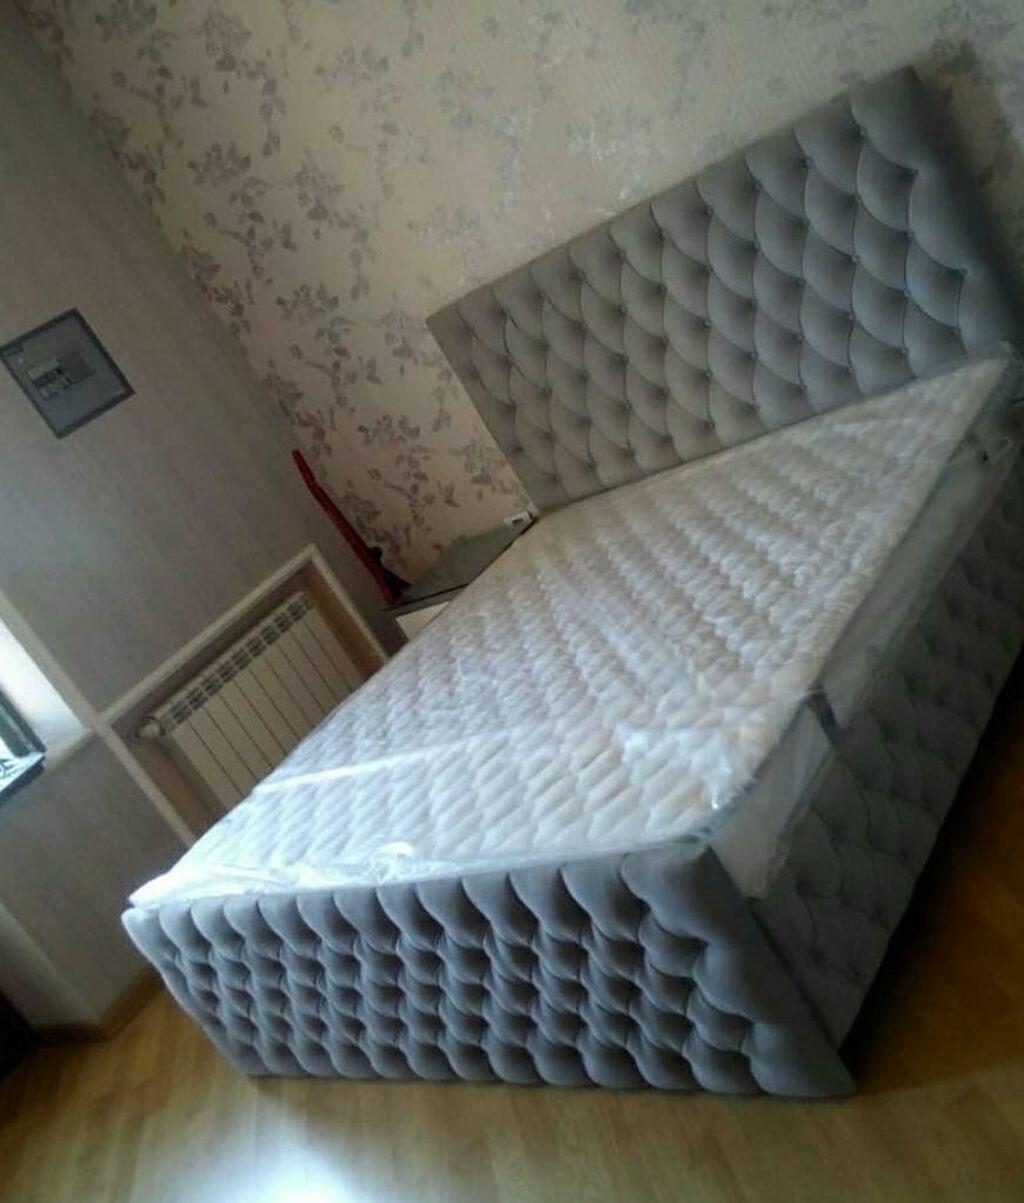 Çarpayılarin hazırlanması, və yatağ dəstləri yüksək keyfiyyətli materiallardan hazırlanır